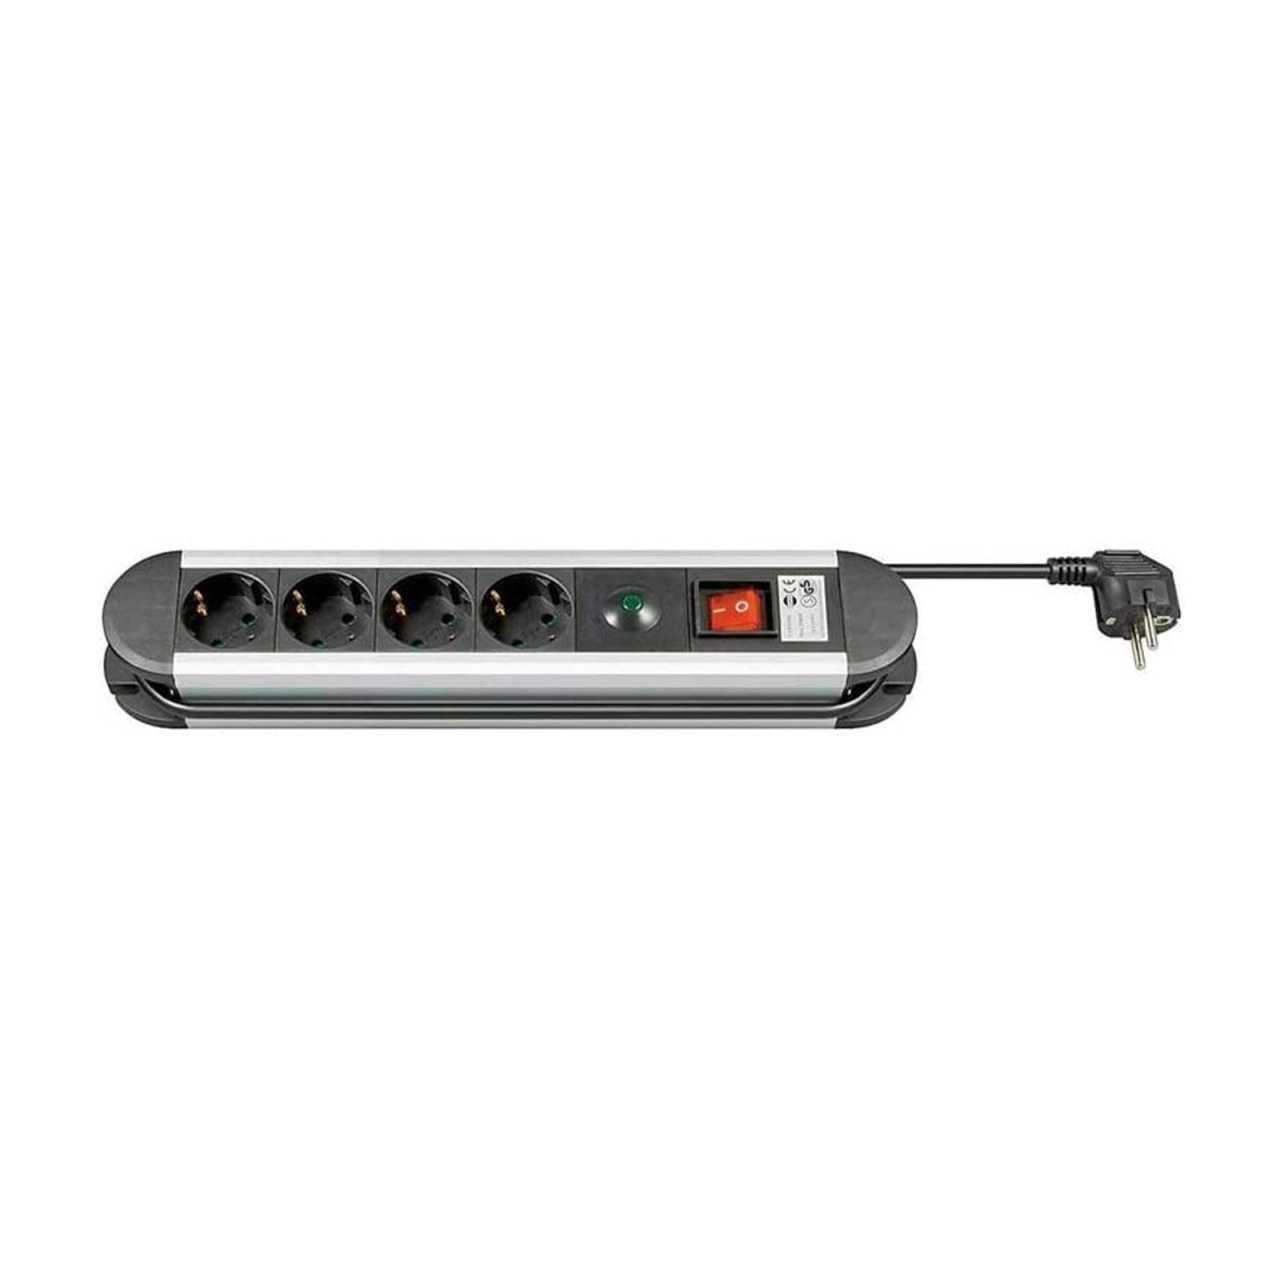 Goobay Steckdosenleiste 4fach mit Überspannungsschutz 1,4m ENESTE050